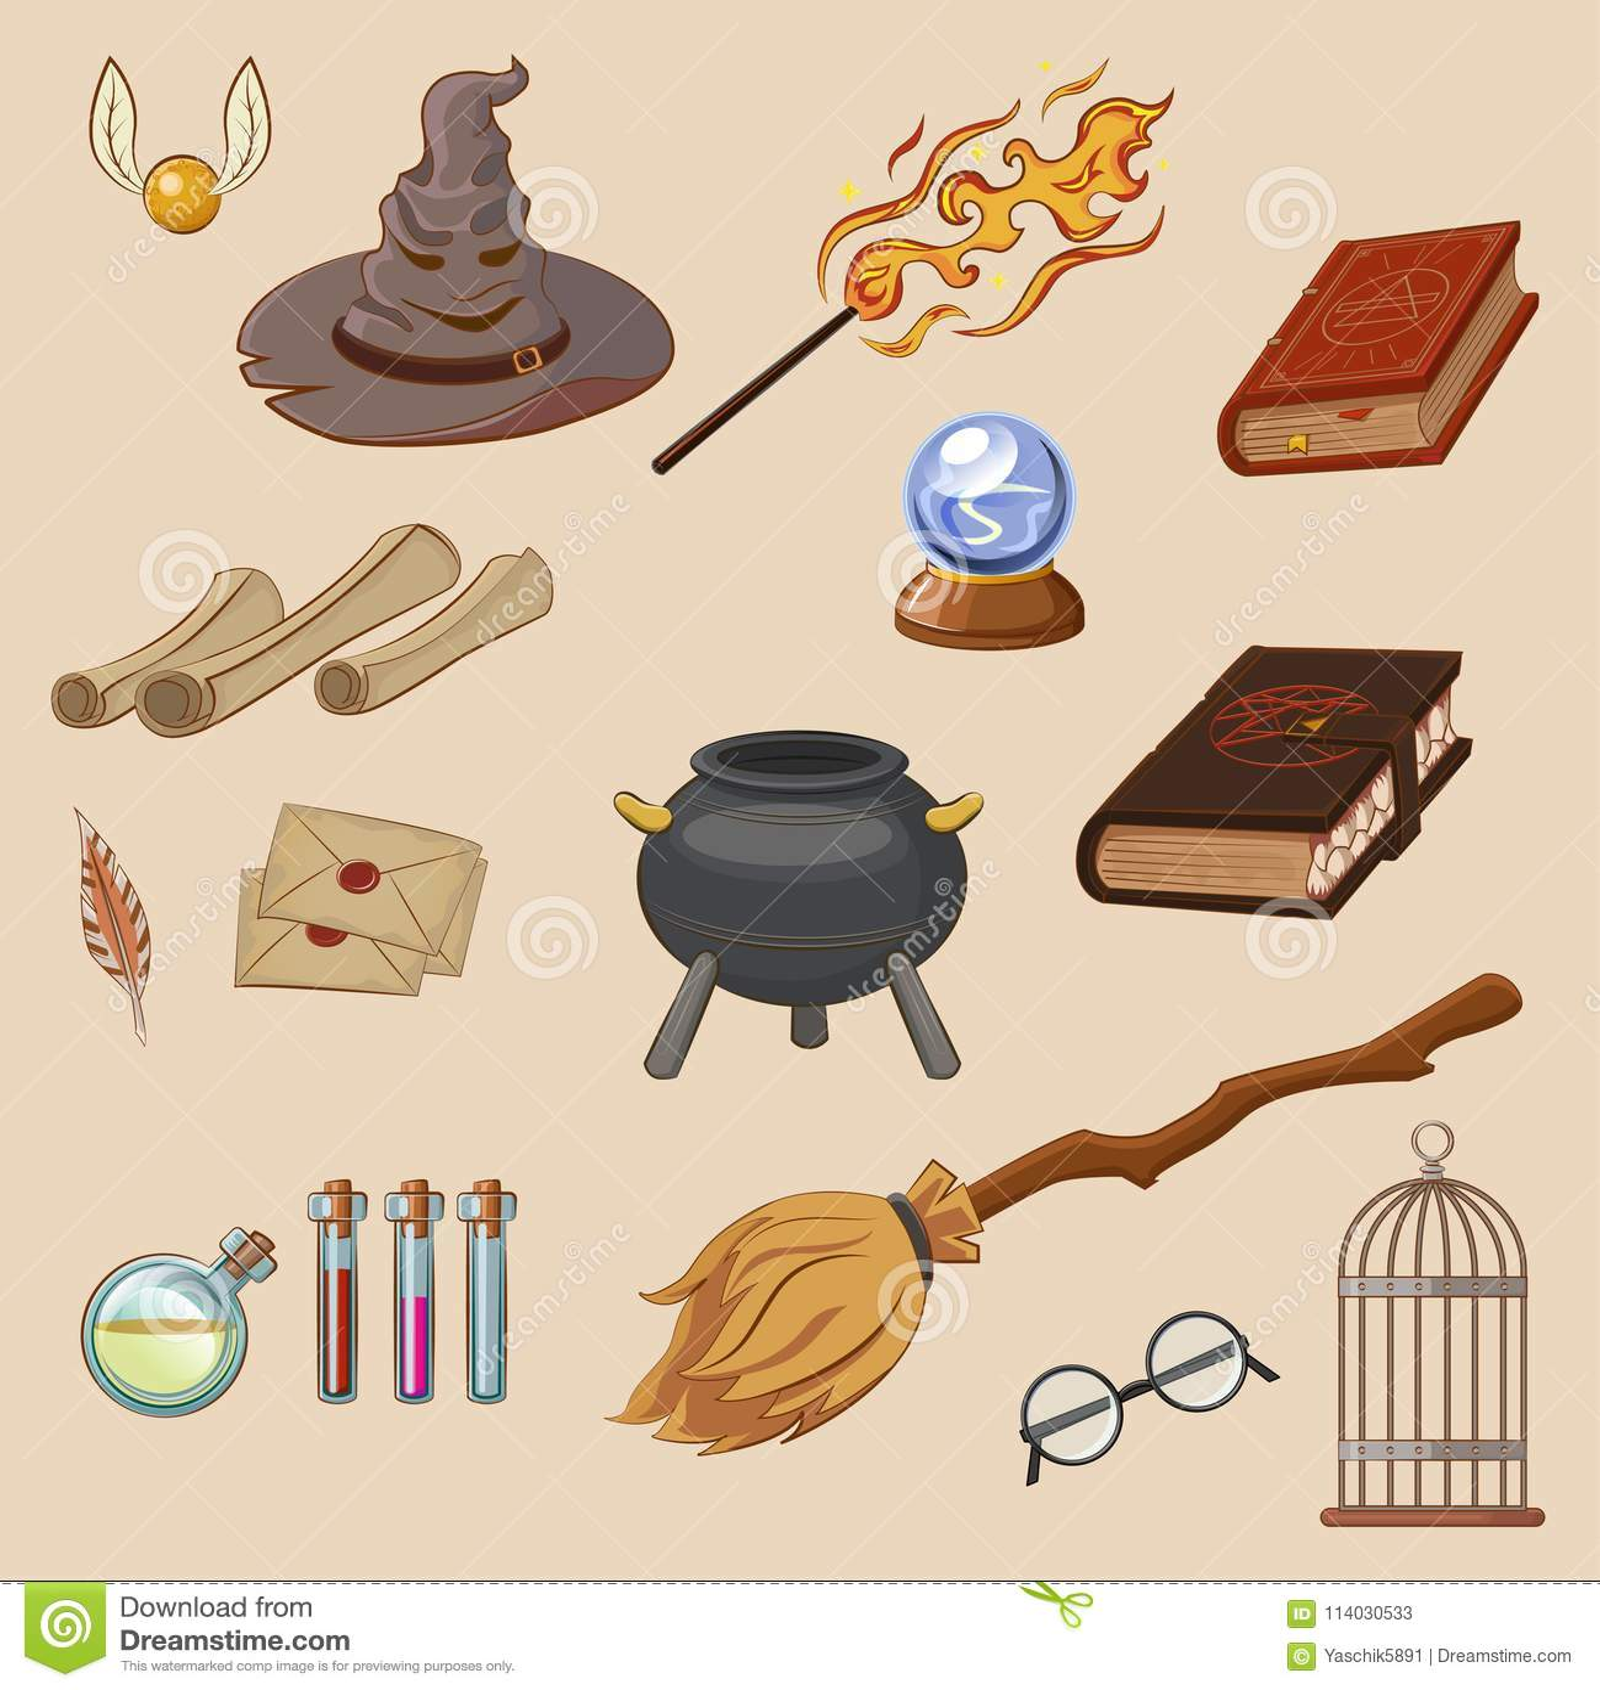 Ensemble de magie Magicien de choses : magicien, chapeau, livre magique, petit pain, breuvage magique, balai